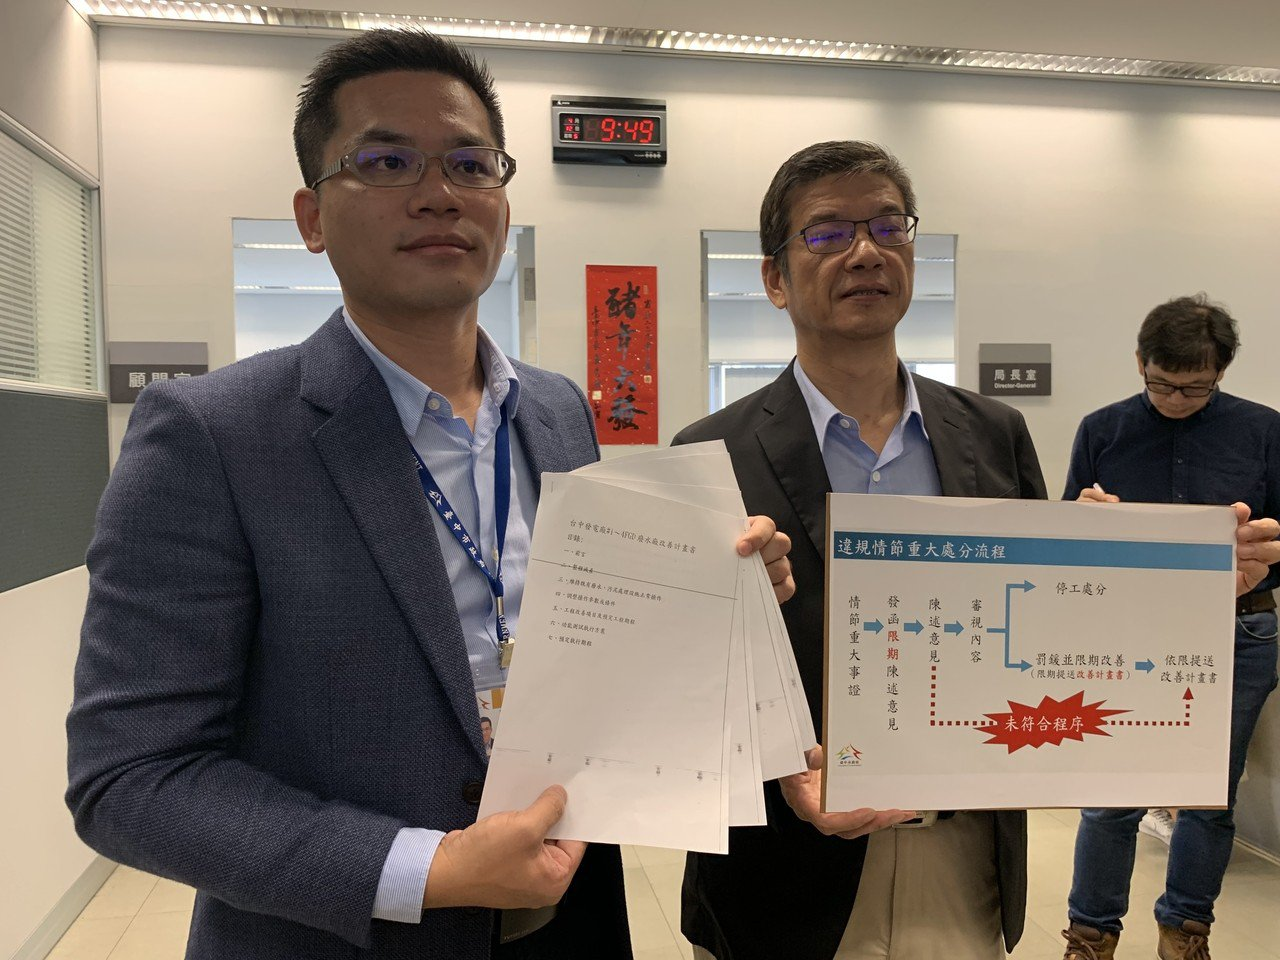 台電表示,「若停工對穩定供電的影響會非常大」。台中市新聞局長吳皇昇(左)說,台電...